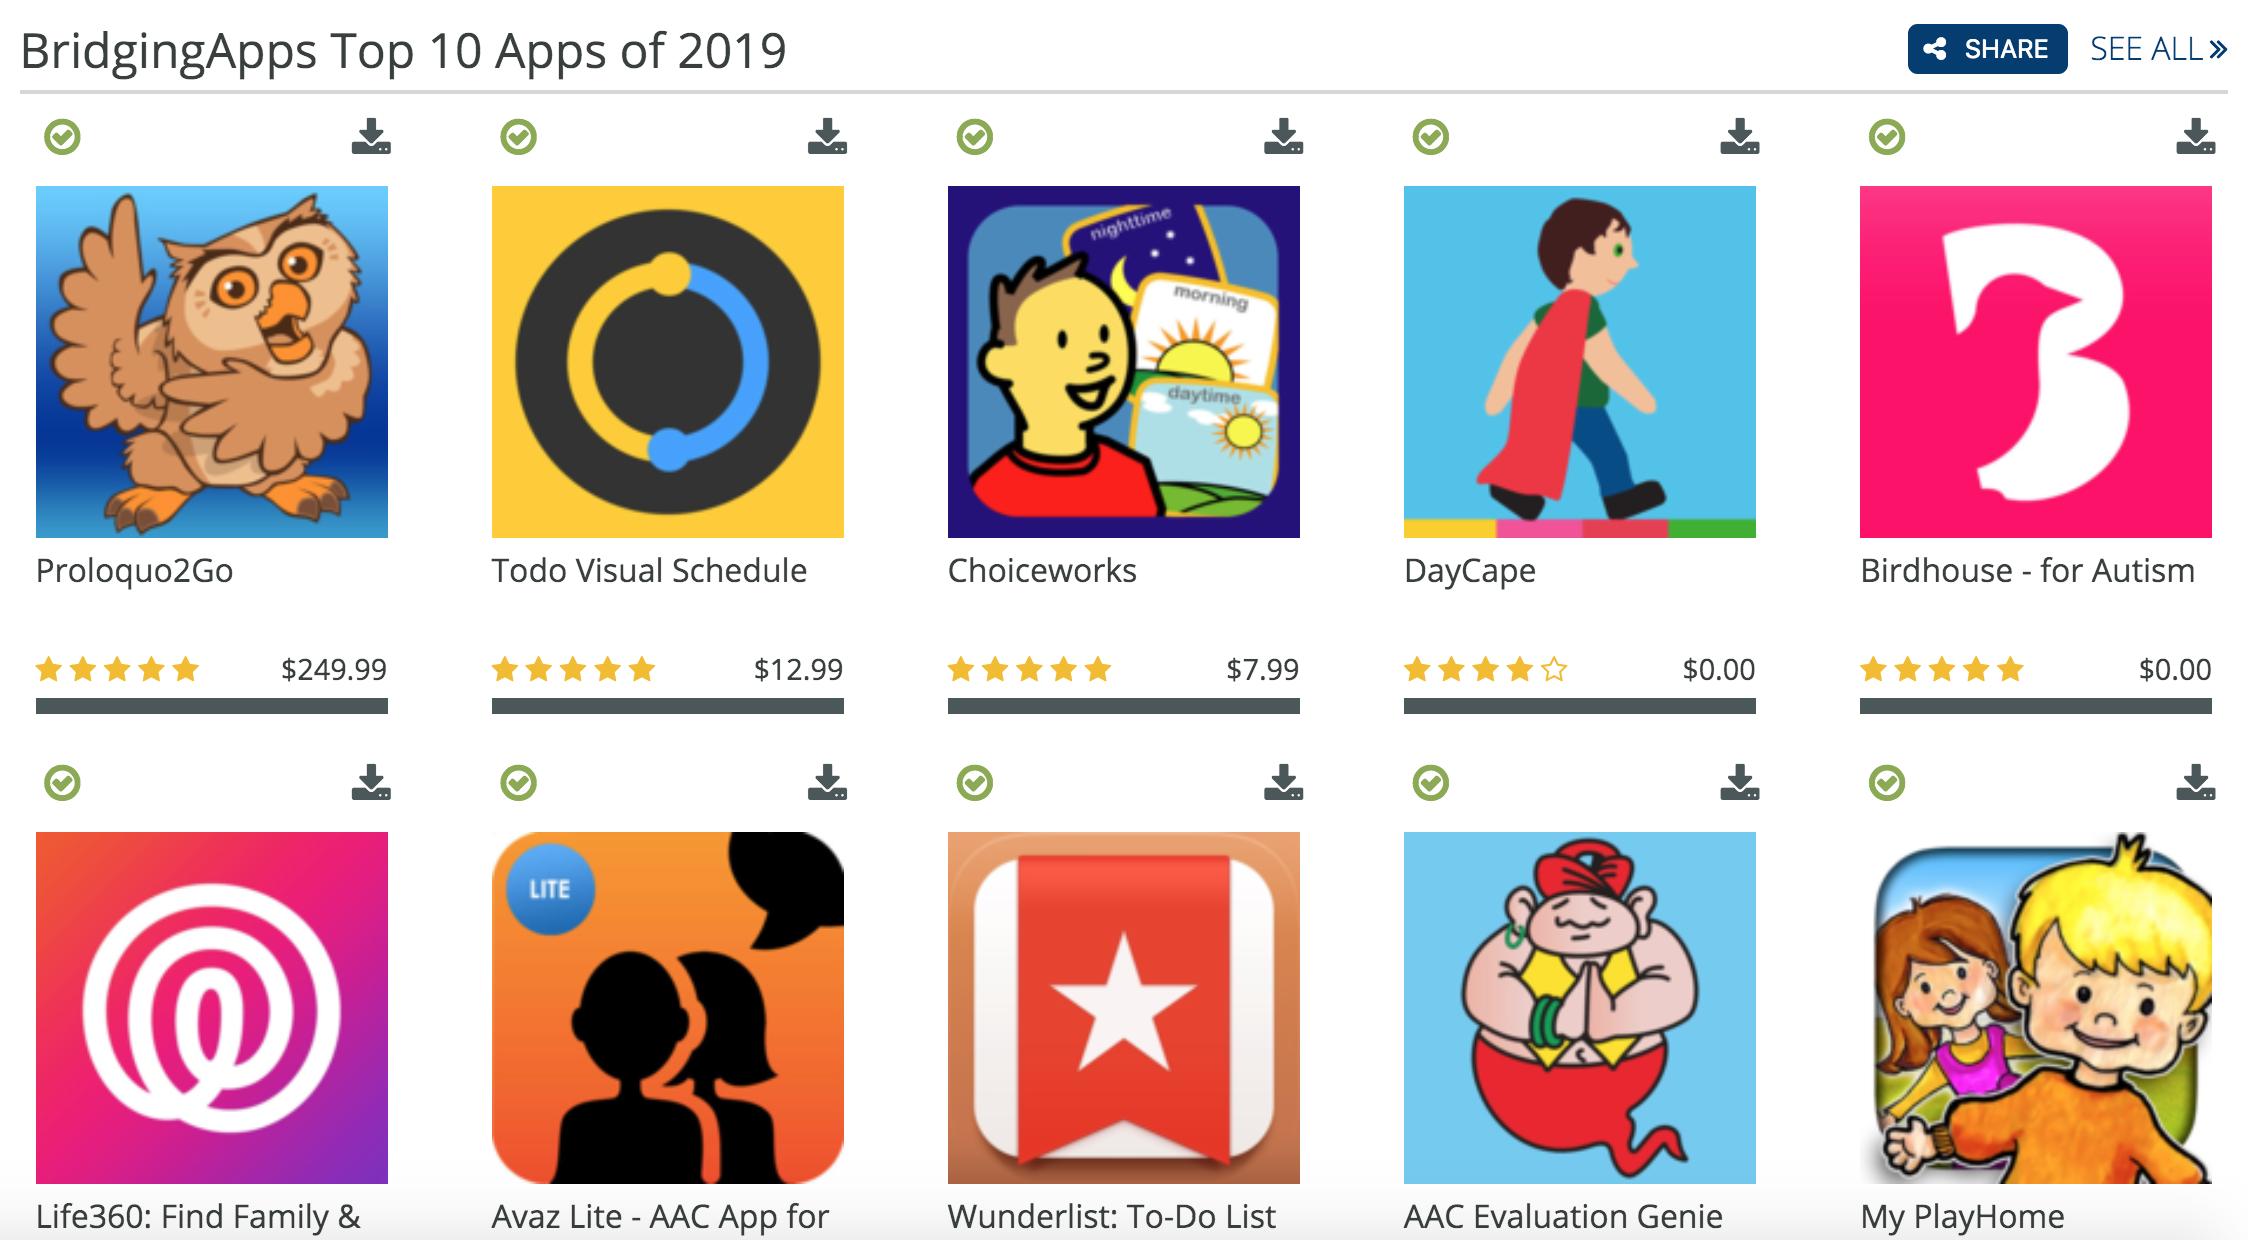 Top Apps of 2019